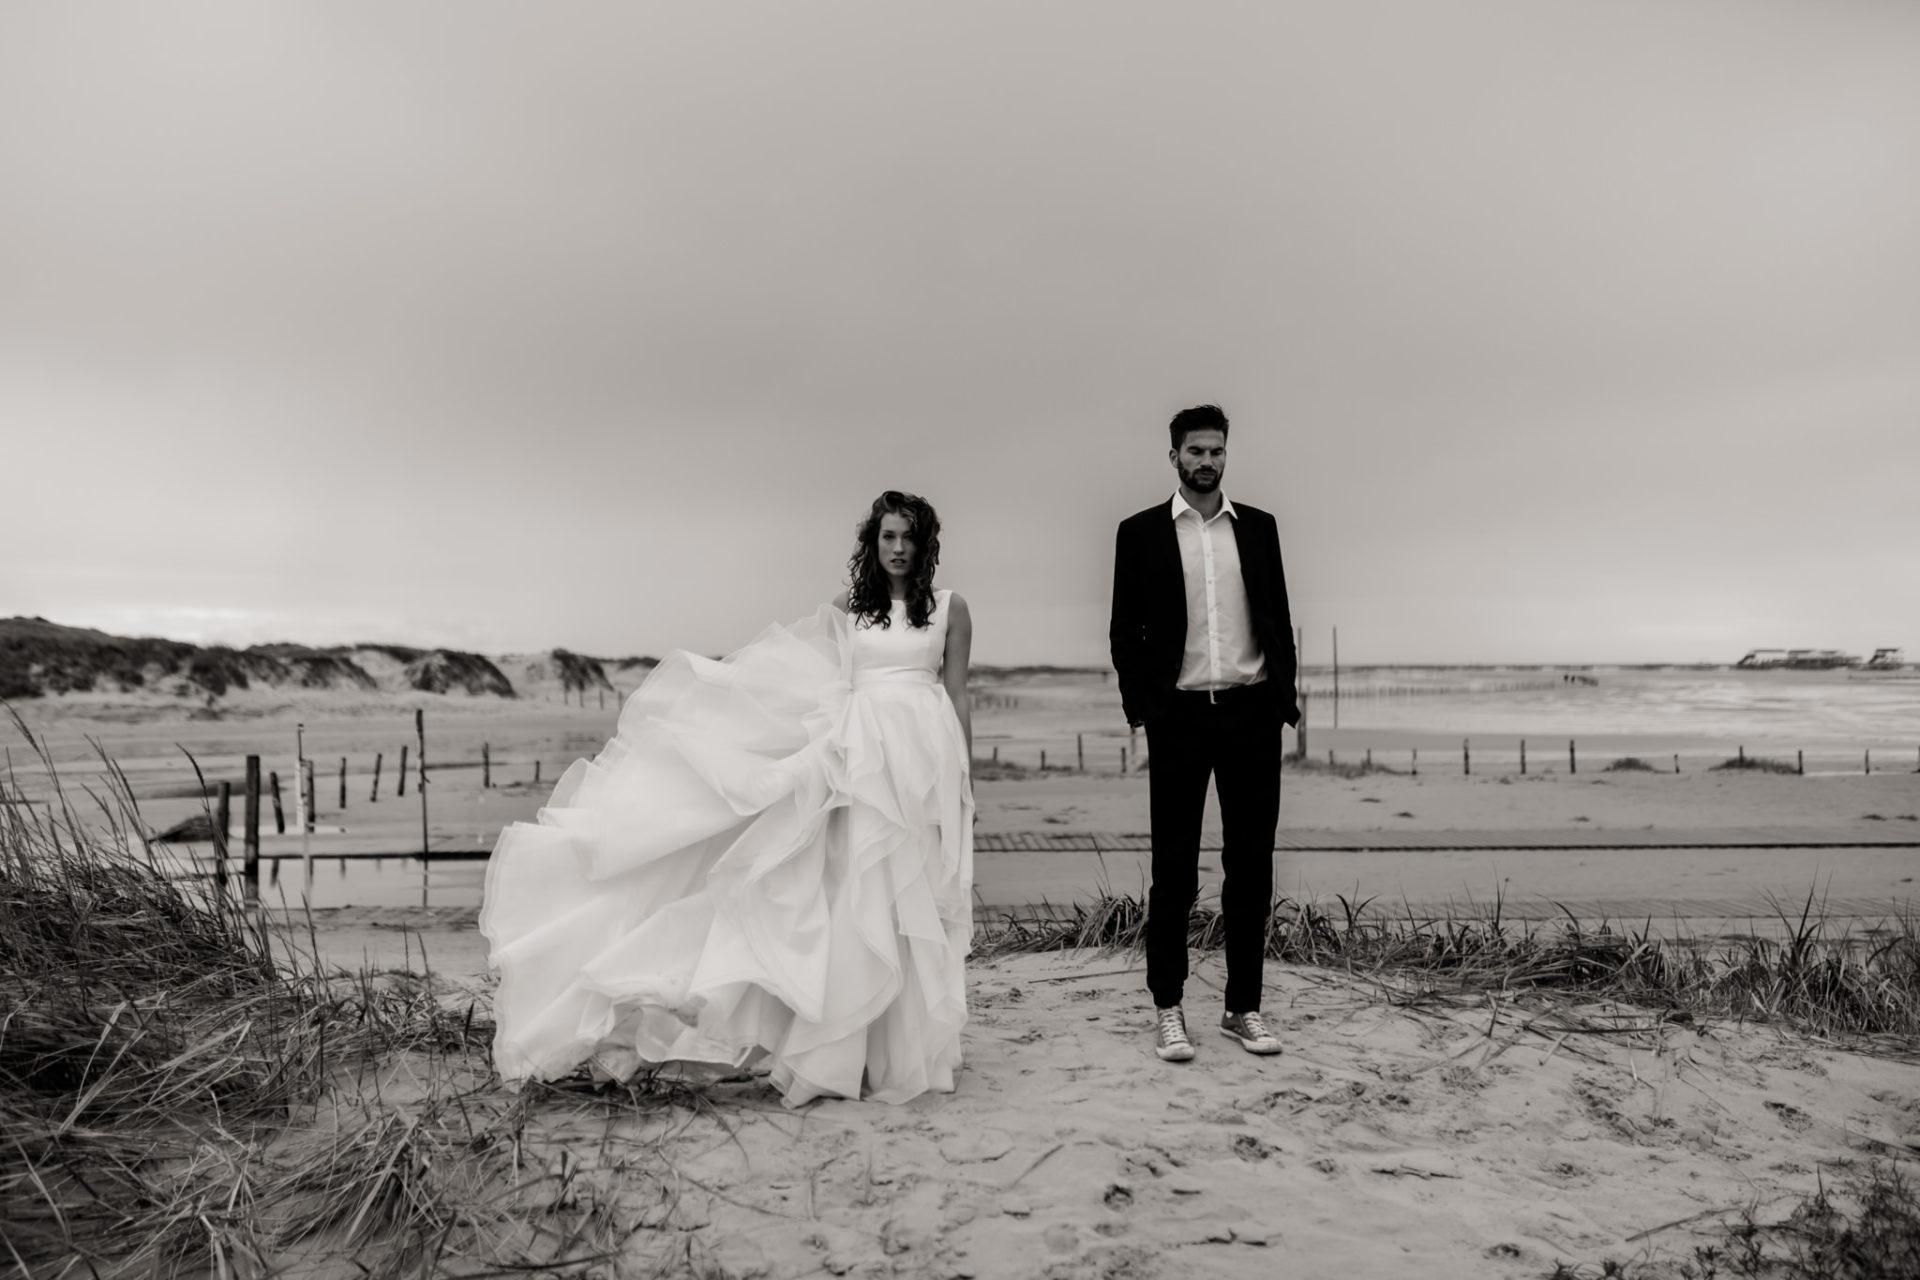 Hochzeitsfotografie Hamburg Brautkleid Inspiration Fotoshoot Braut Strand Meer Elfenkleid Hochzeit